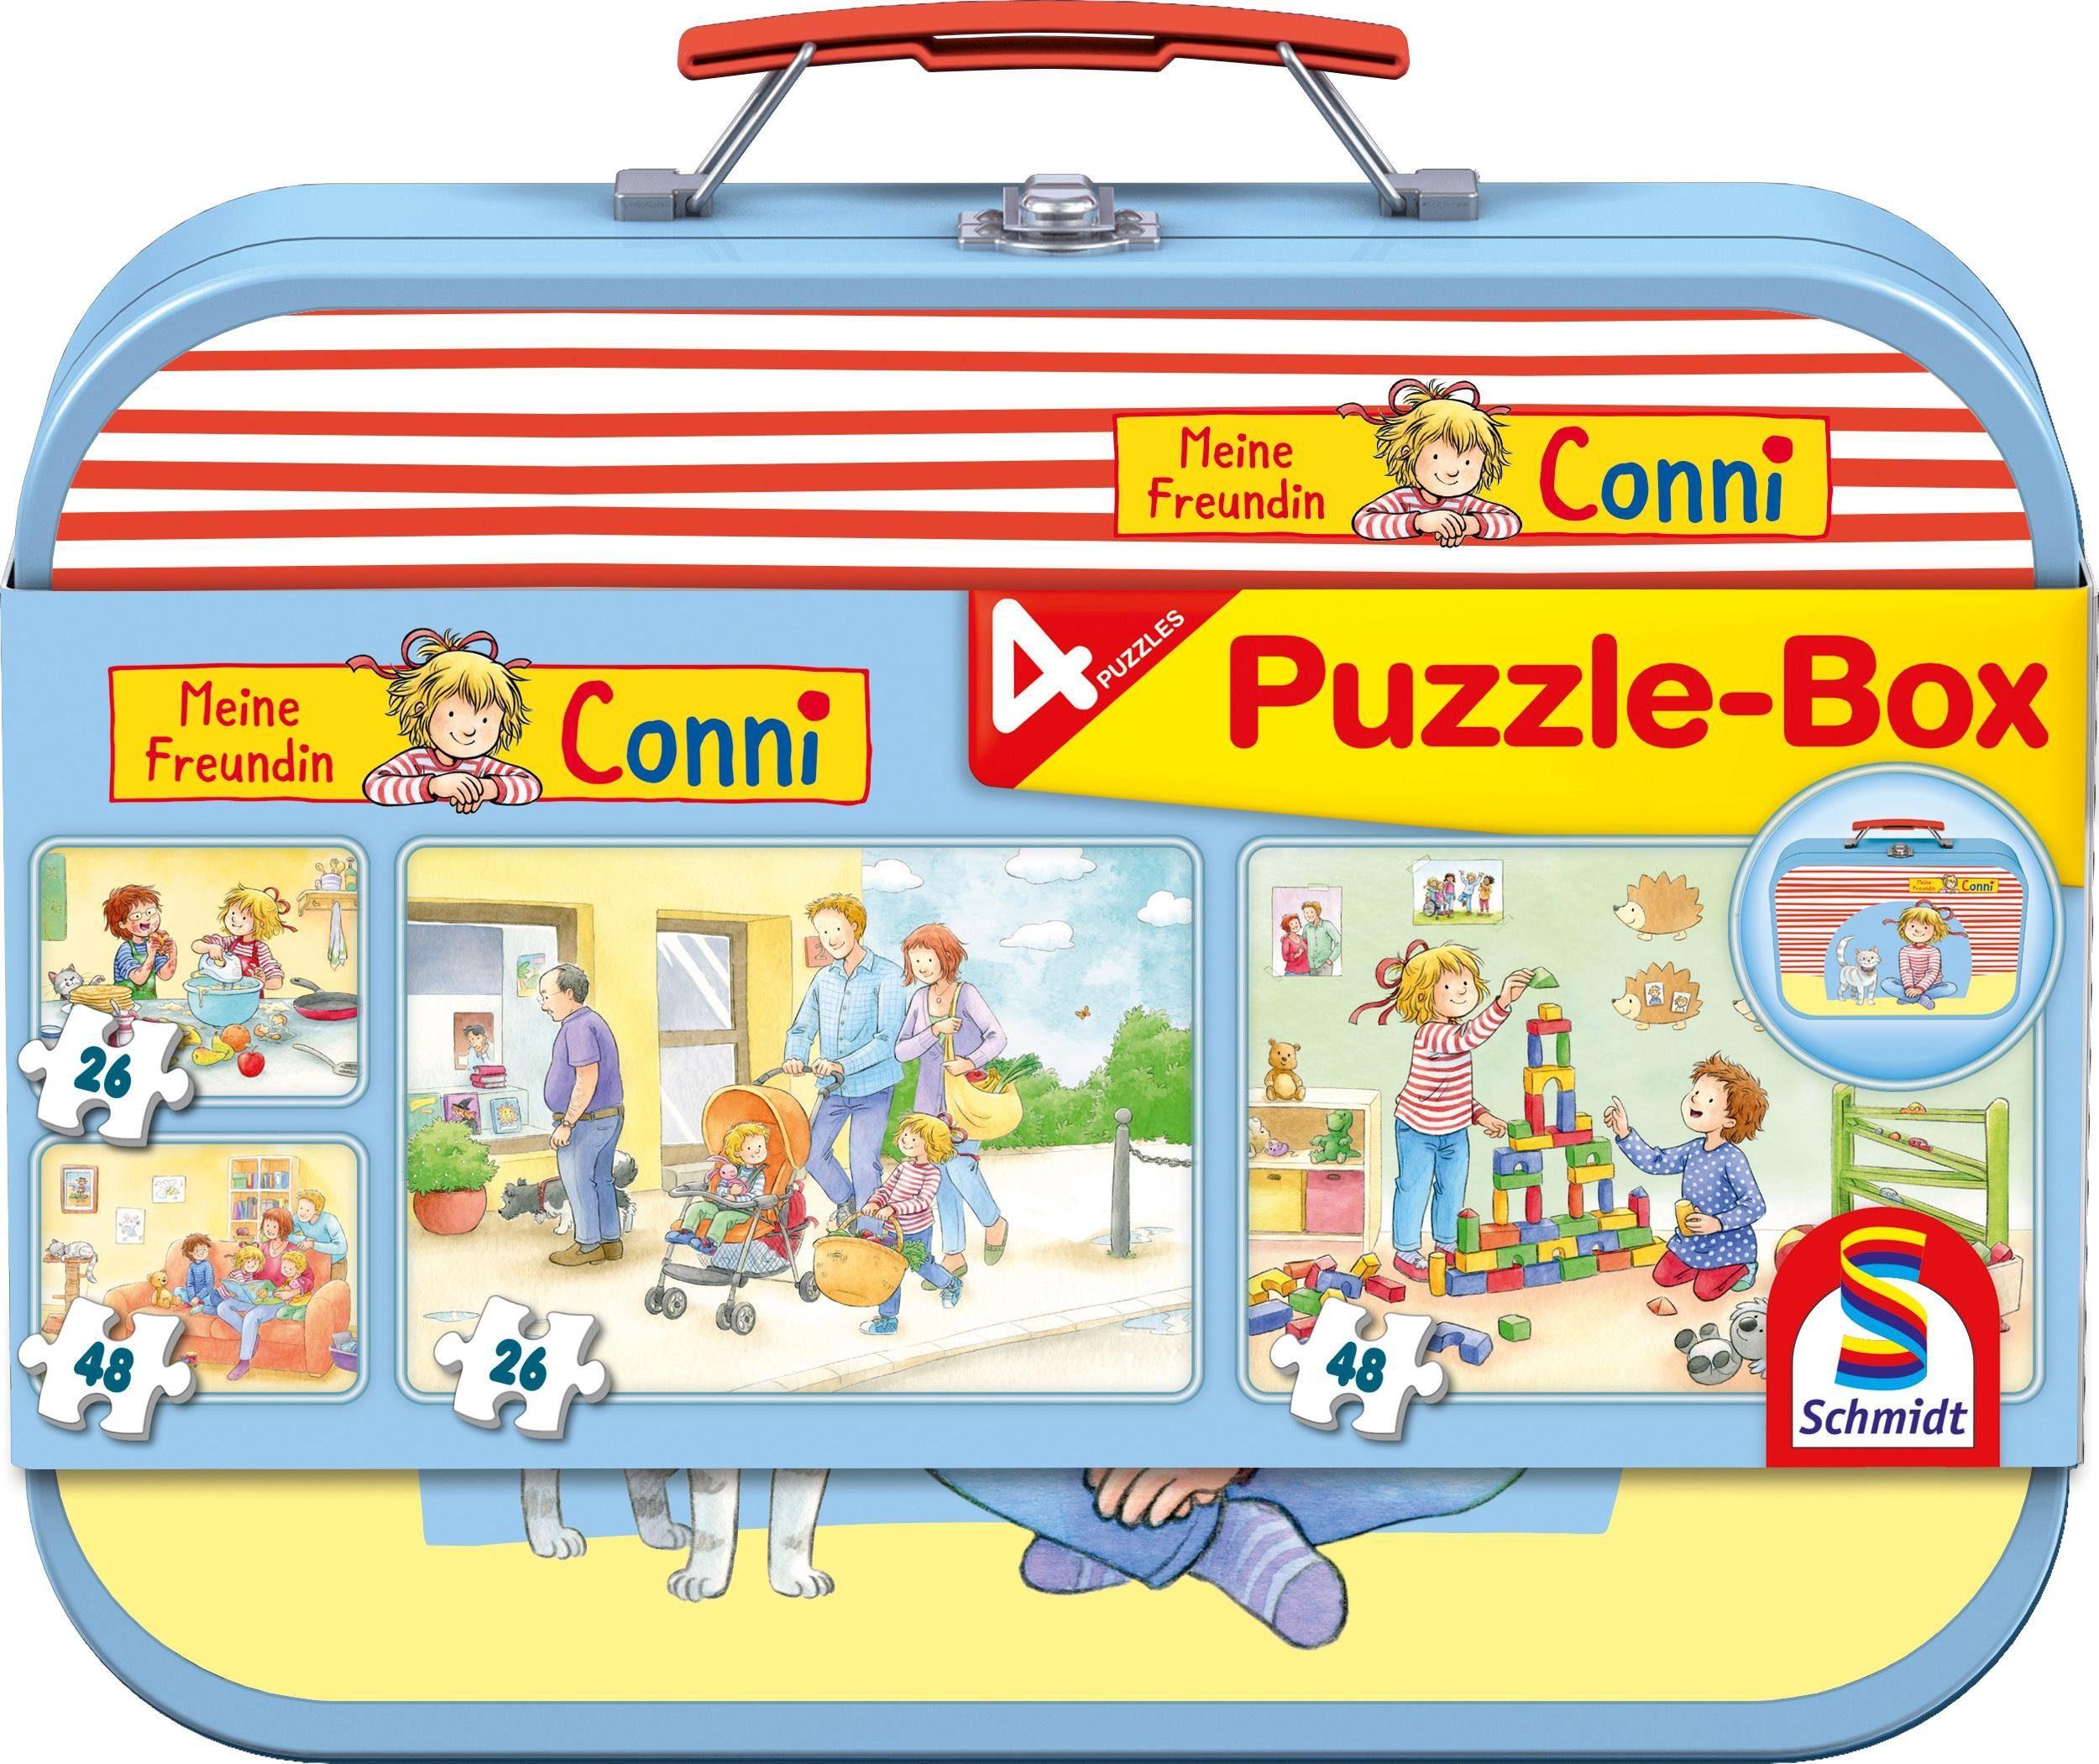 Schmidt Spiele Puzzle »Puzzlebox im Metallkoffer, Meine Freundin Conni«, 148 Teilig